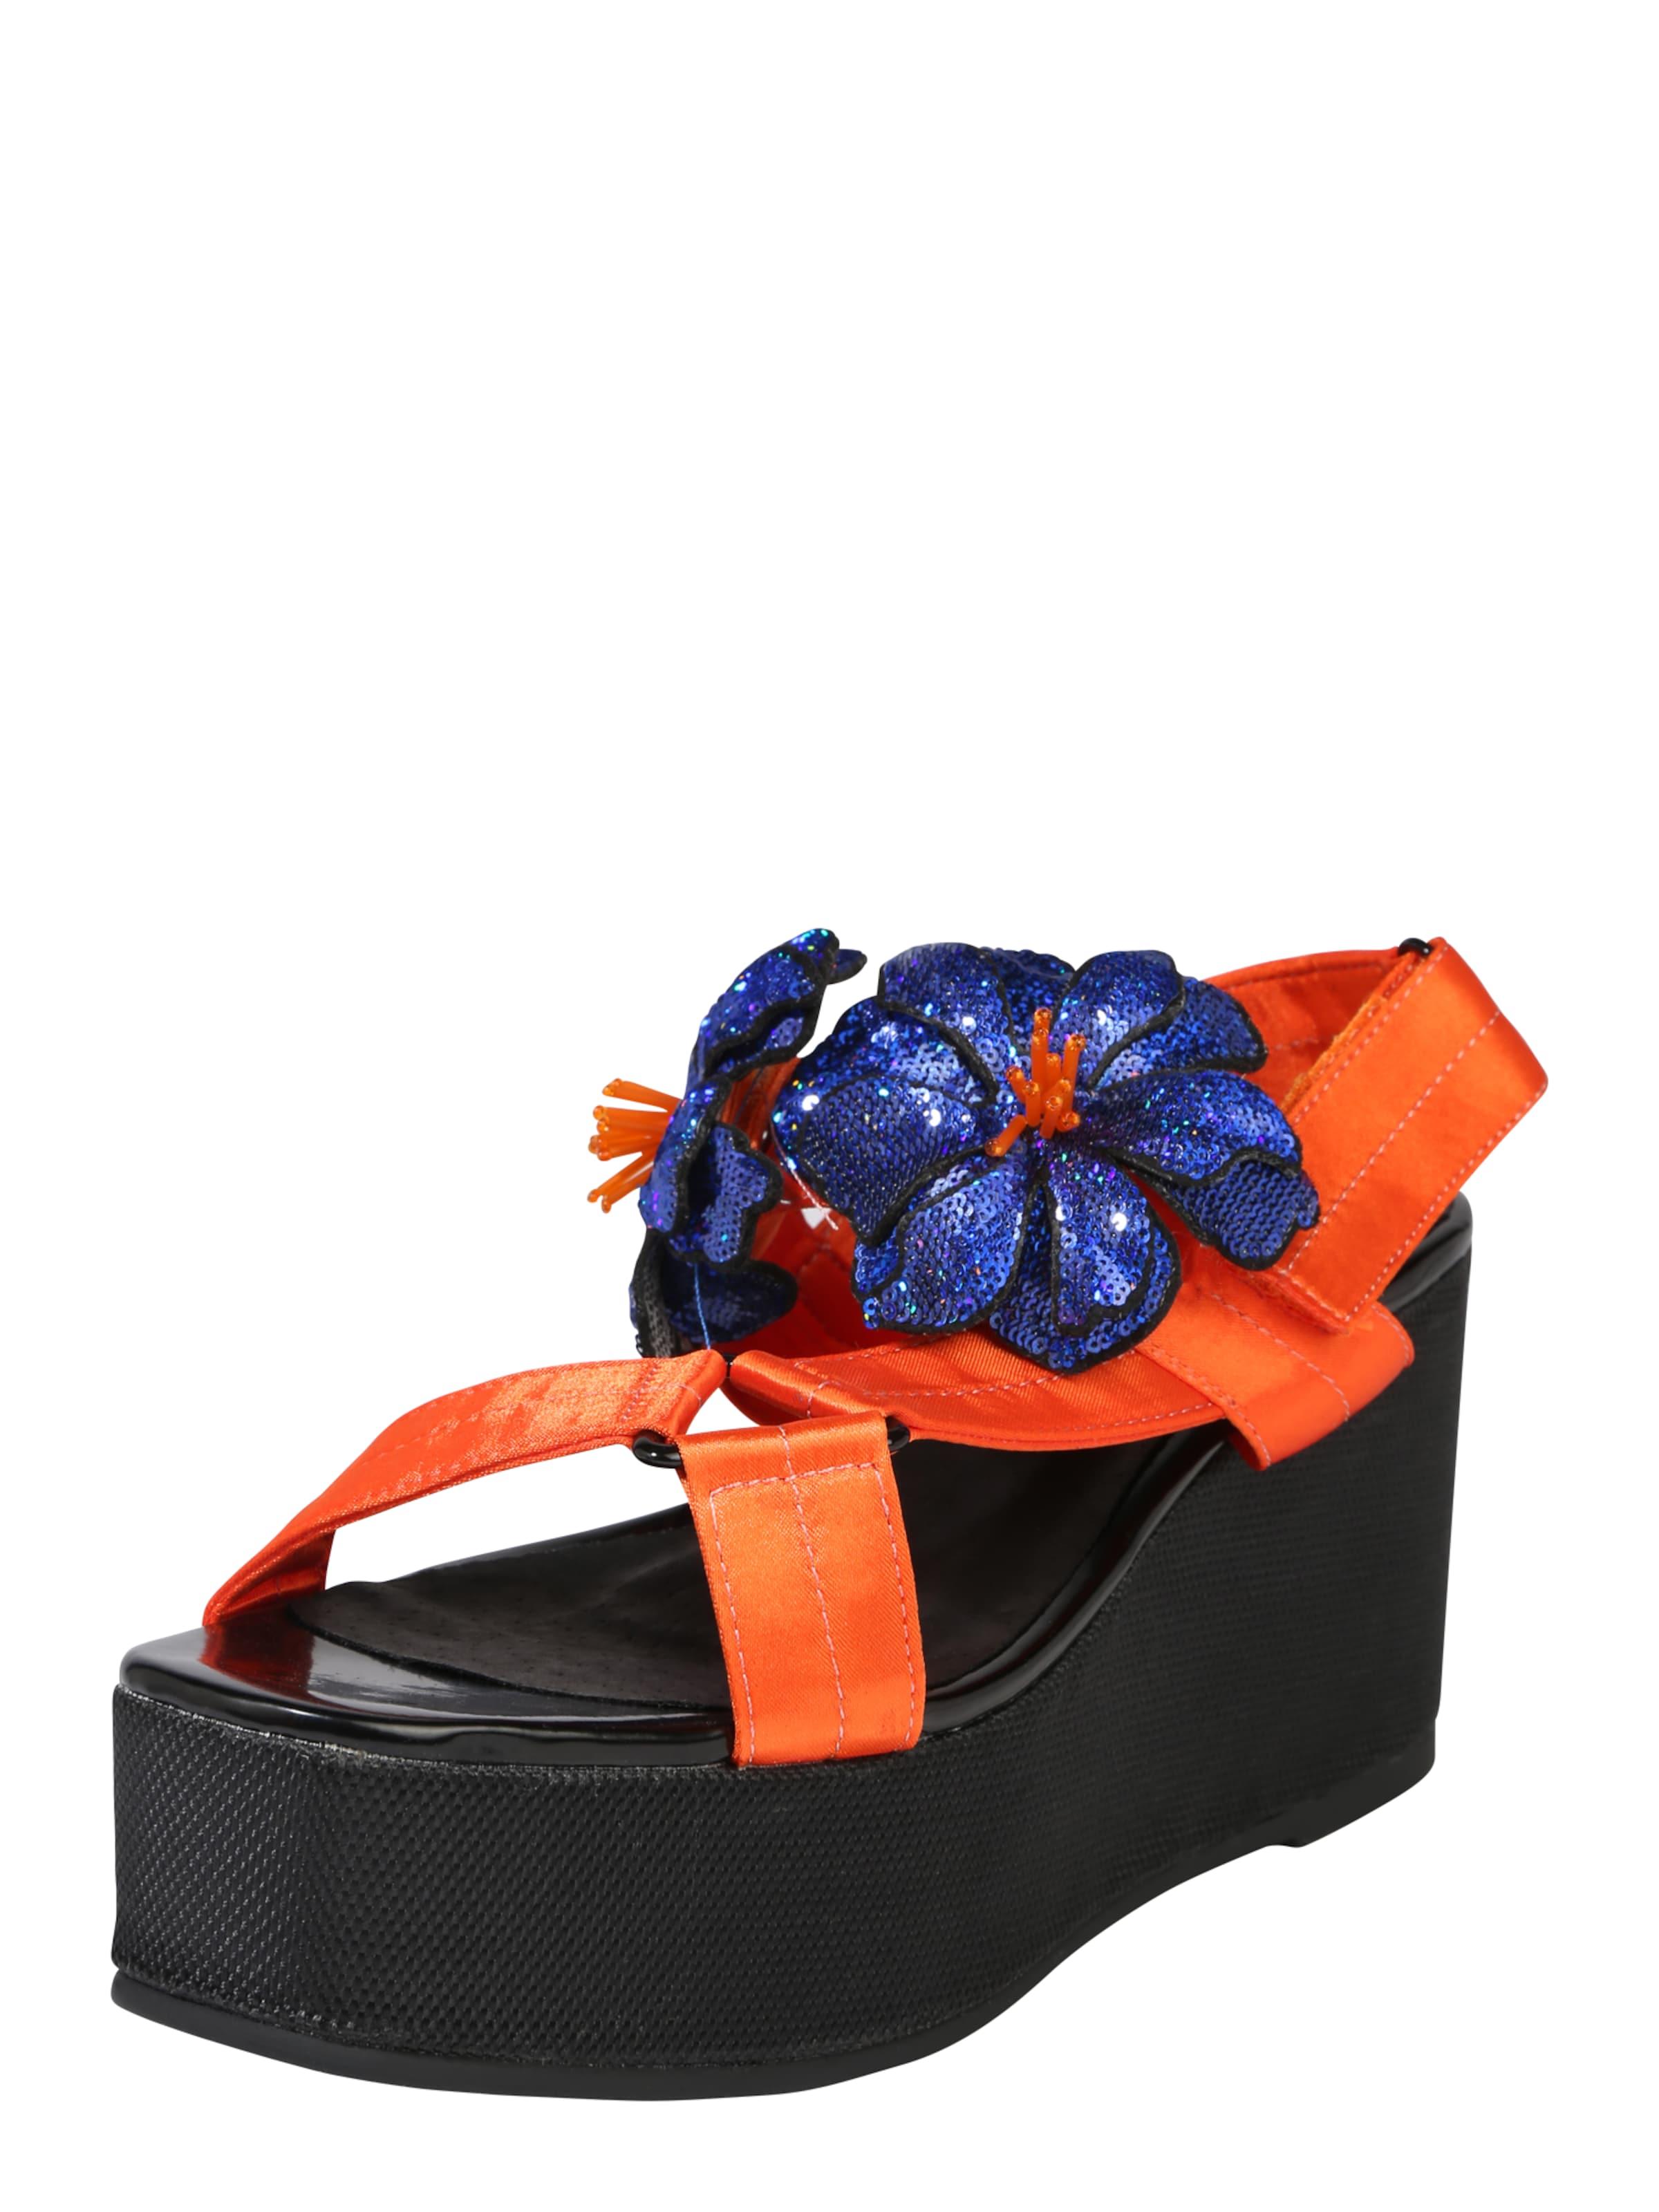 Soixantesept Sandales Avec Ceinture « Prennent » Orange akpC7i2nVH,